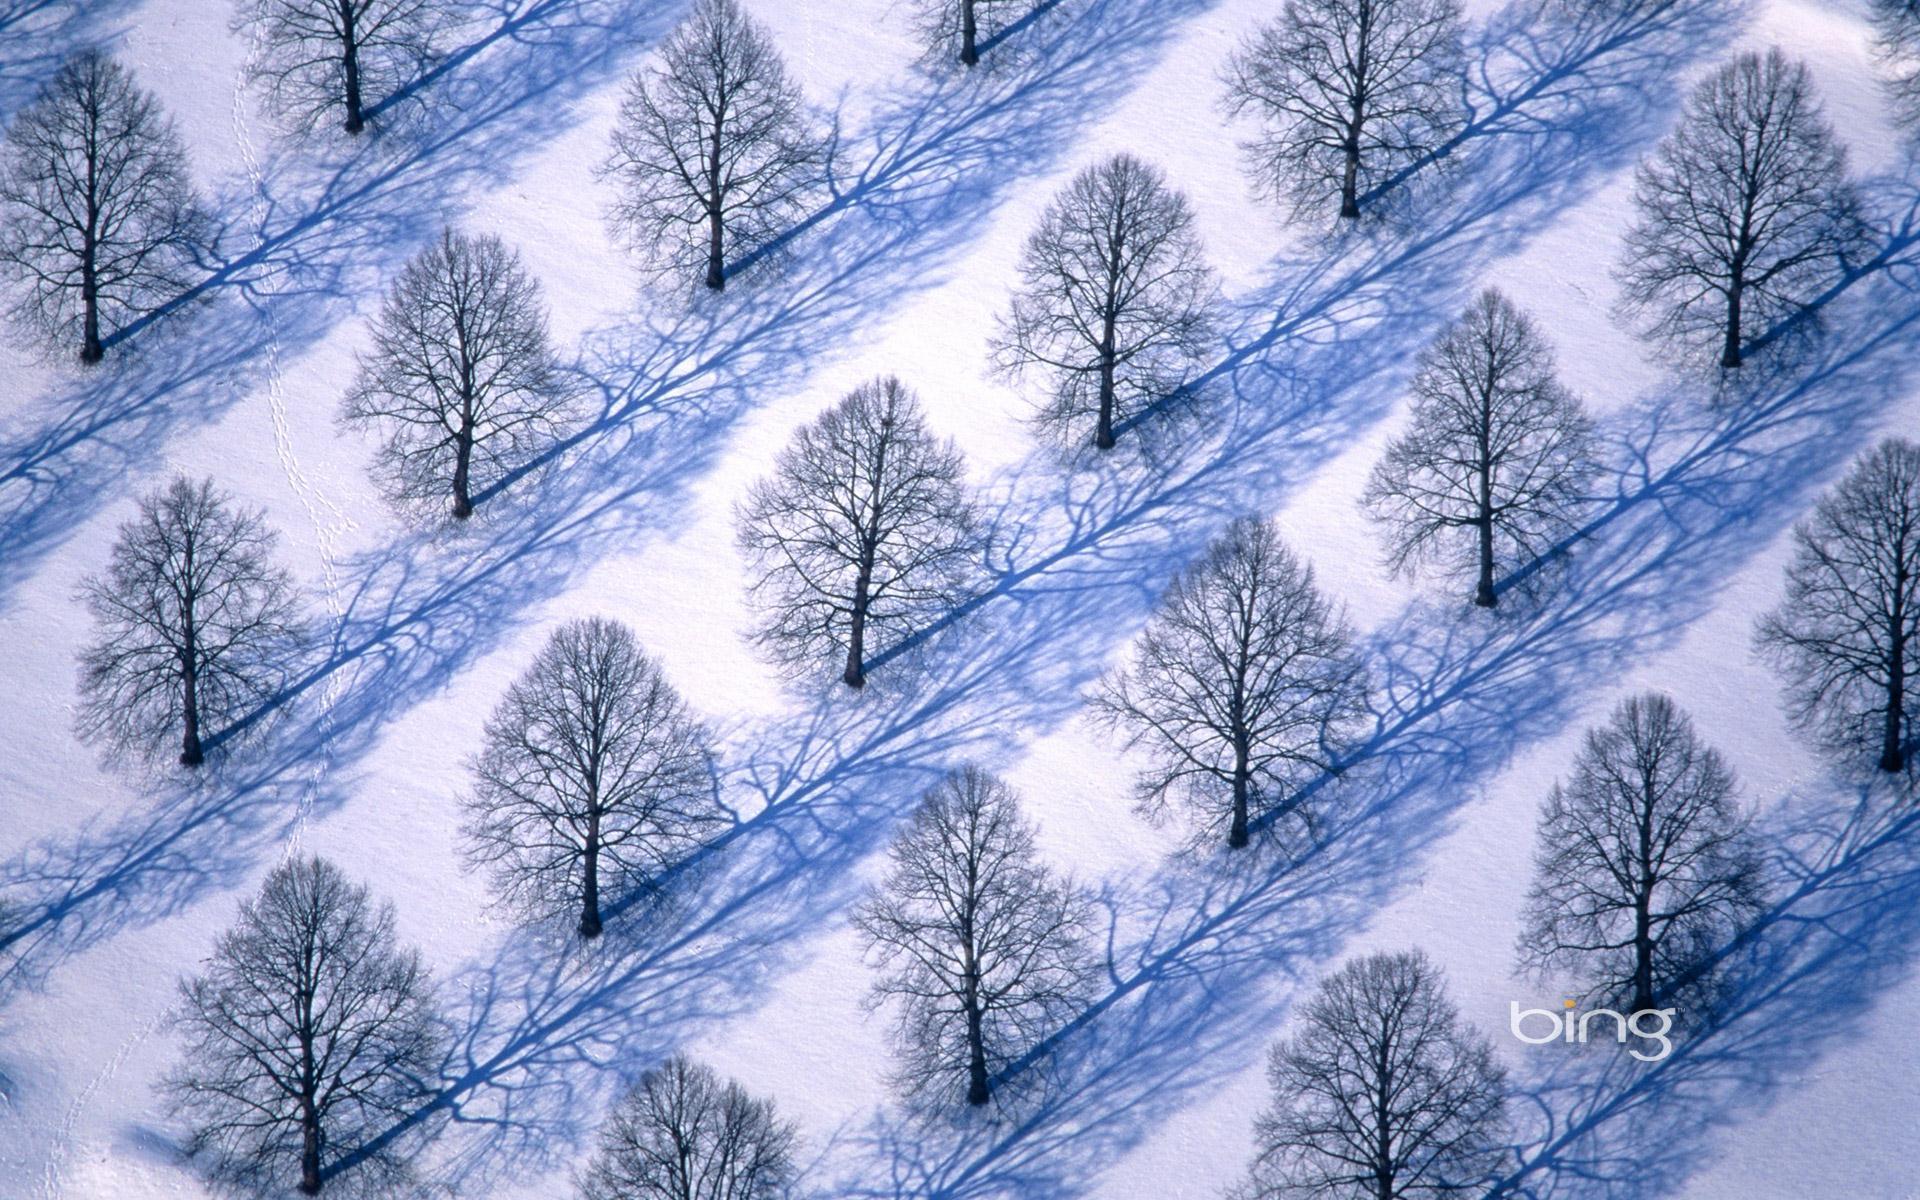 Free Microsoft Wallpaper Winter - WallpaperSafari